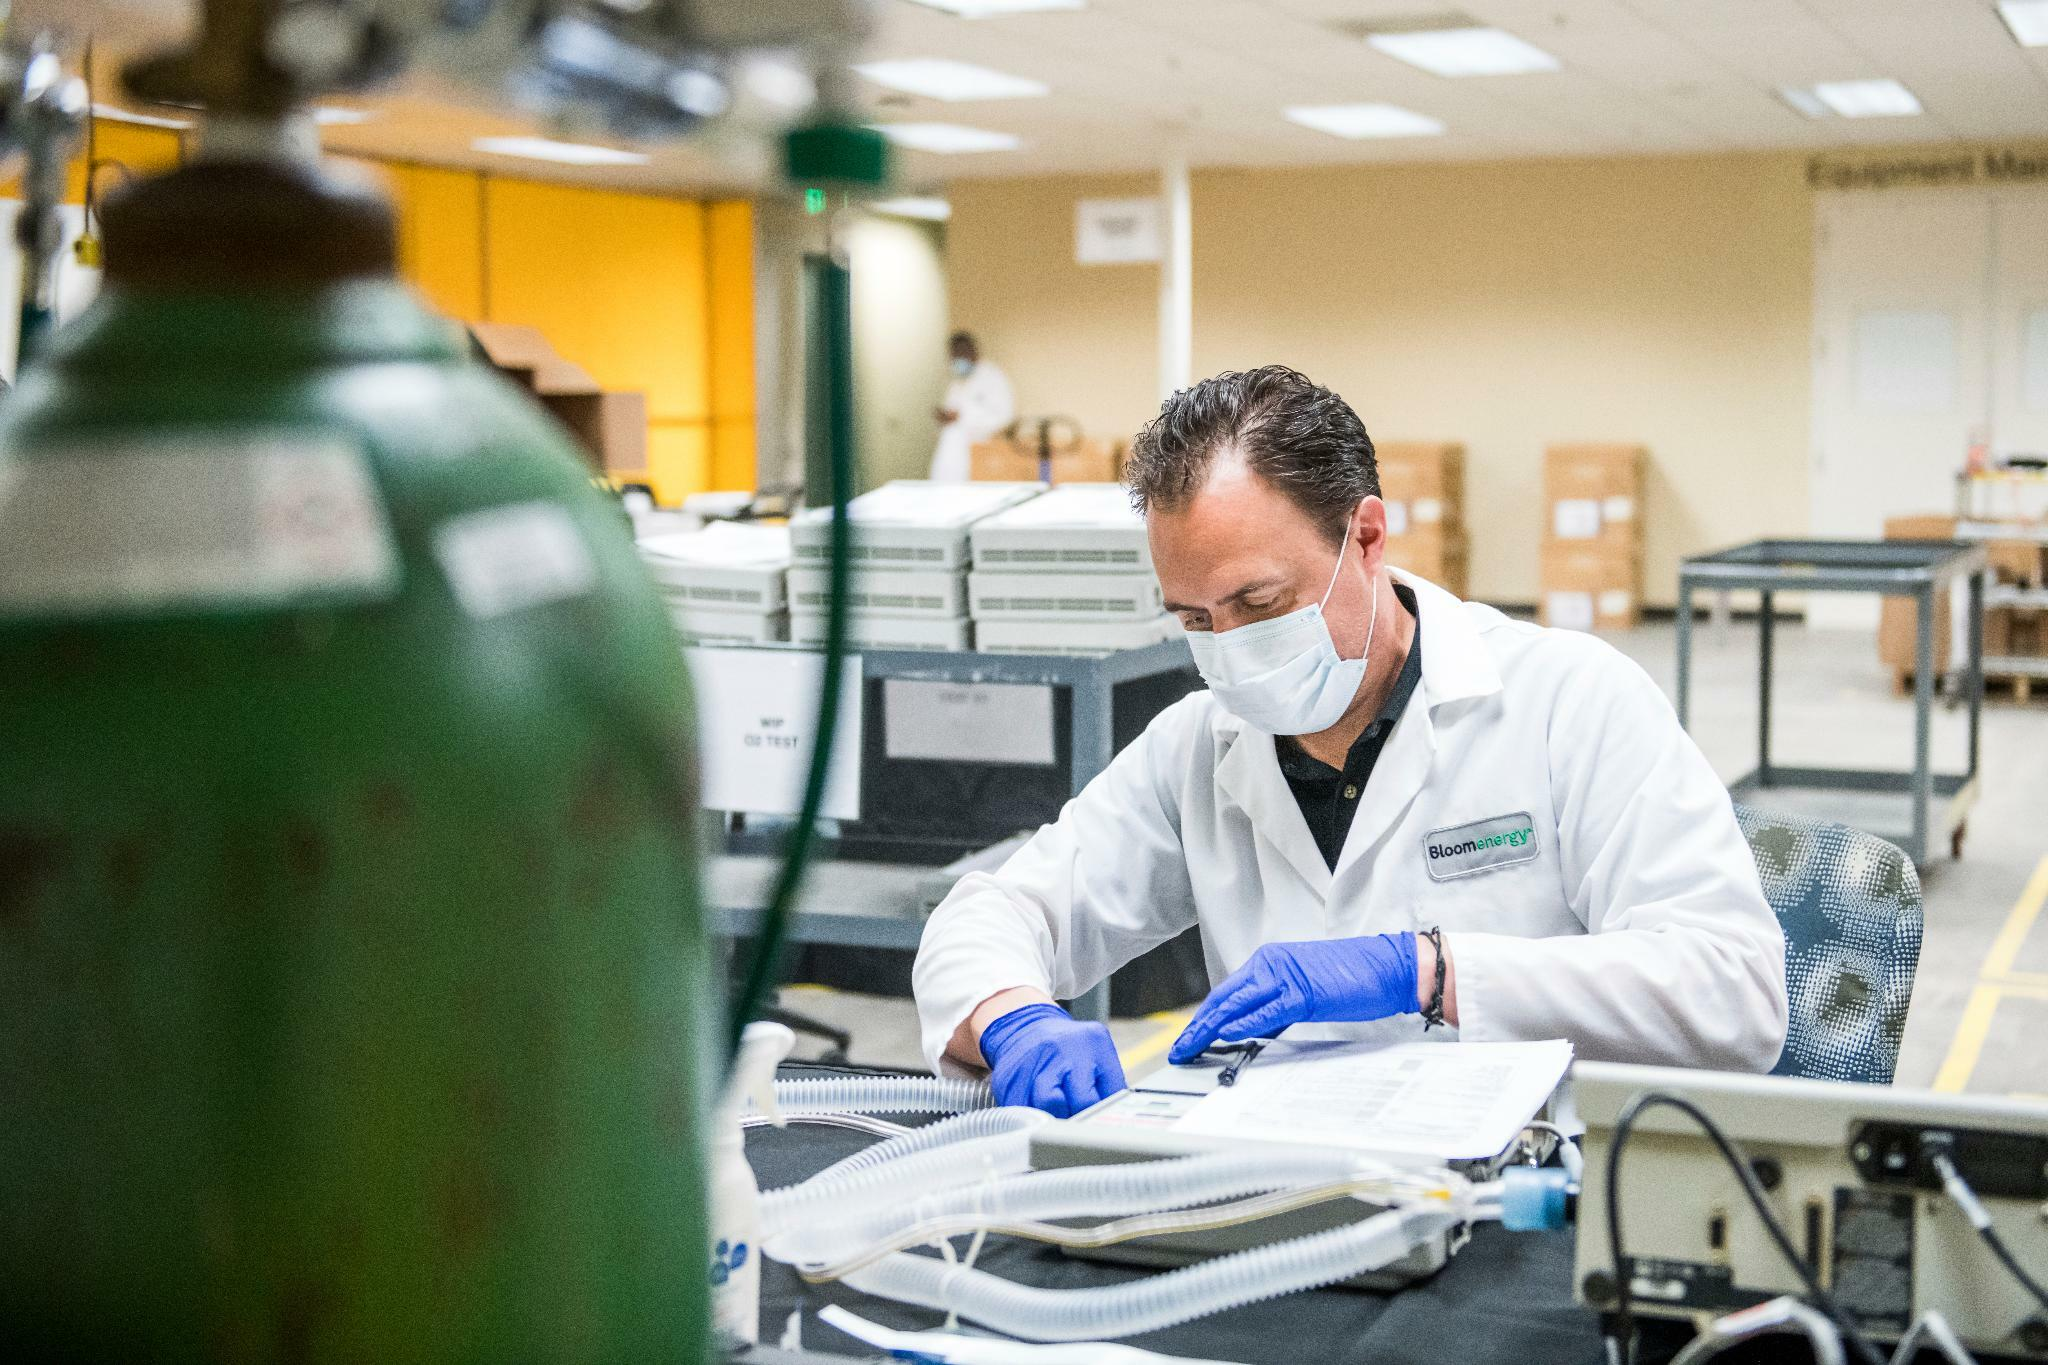 Corona Biotech Branche Hofft Auf Durchbruch Bei Covid 19 Forschungen